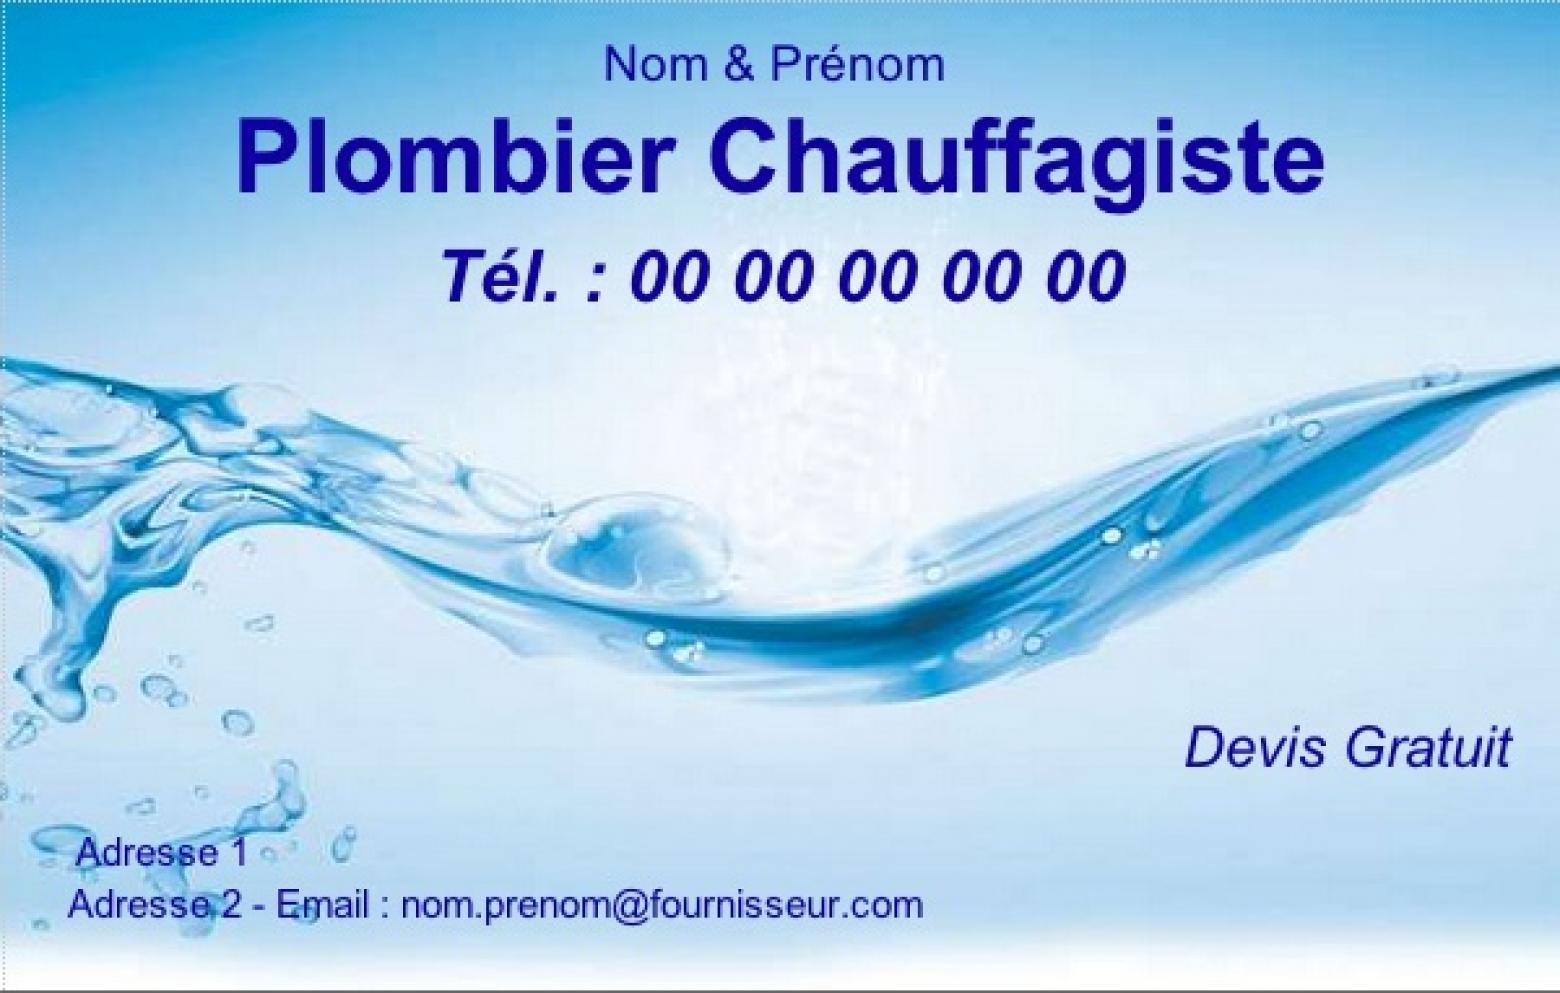 Plombier Exemple Carte De Visite Chauffagiste Modle Gratuit Personnaliser En Ligne Pas Chre